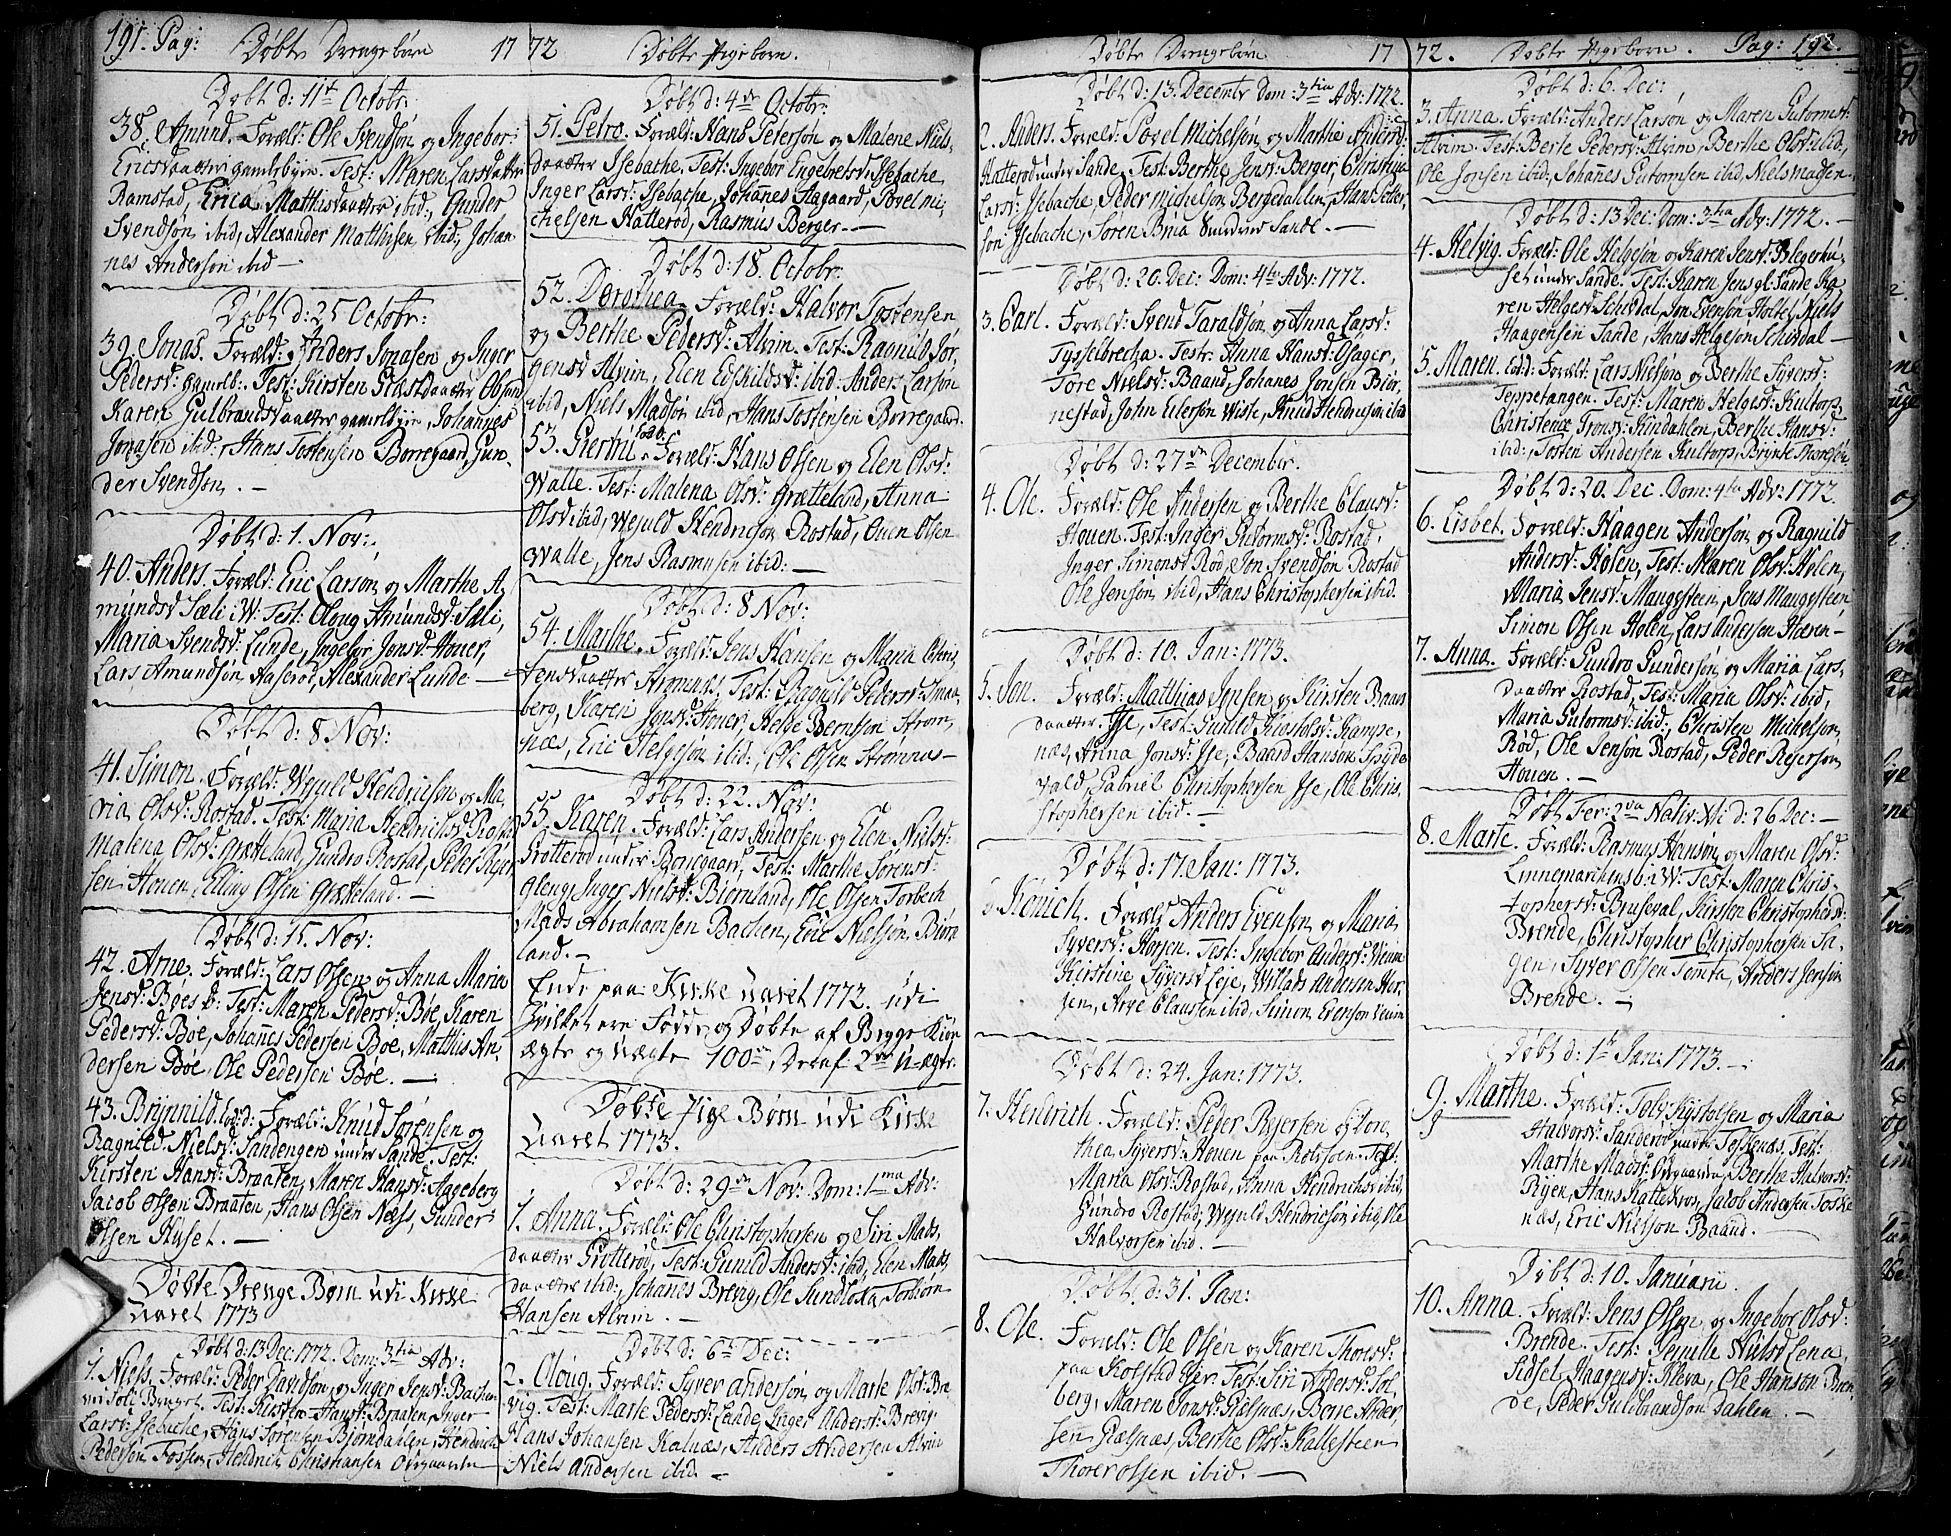 SAO, Tune prestekontor Kirkebøker, F/Fa/L0002: Ministerialbok nr. 2, 1758-1781, s. 191-192